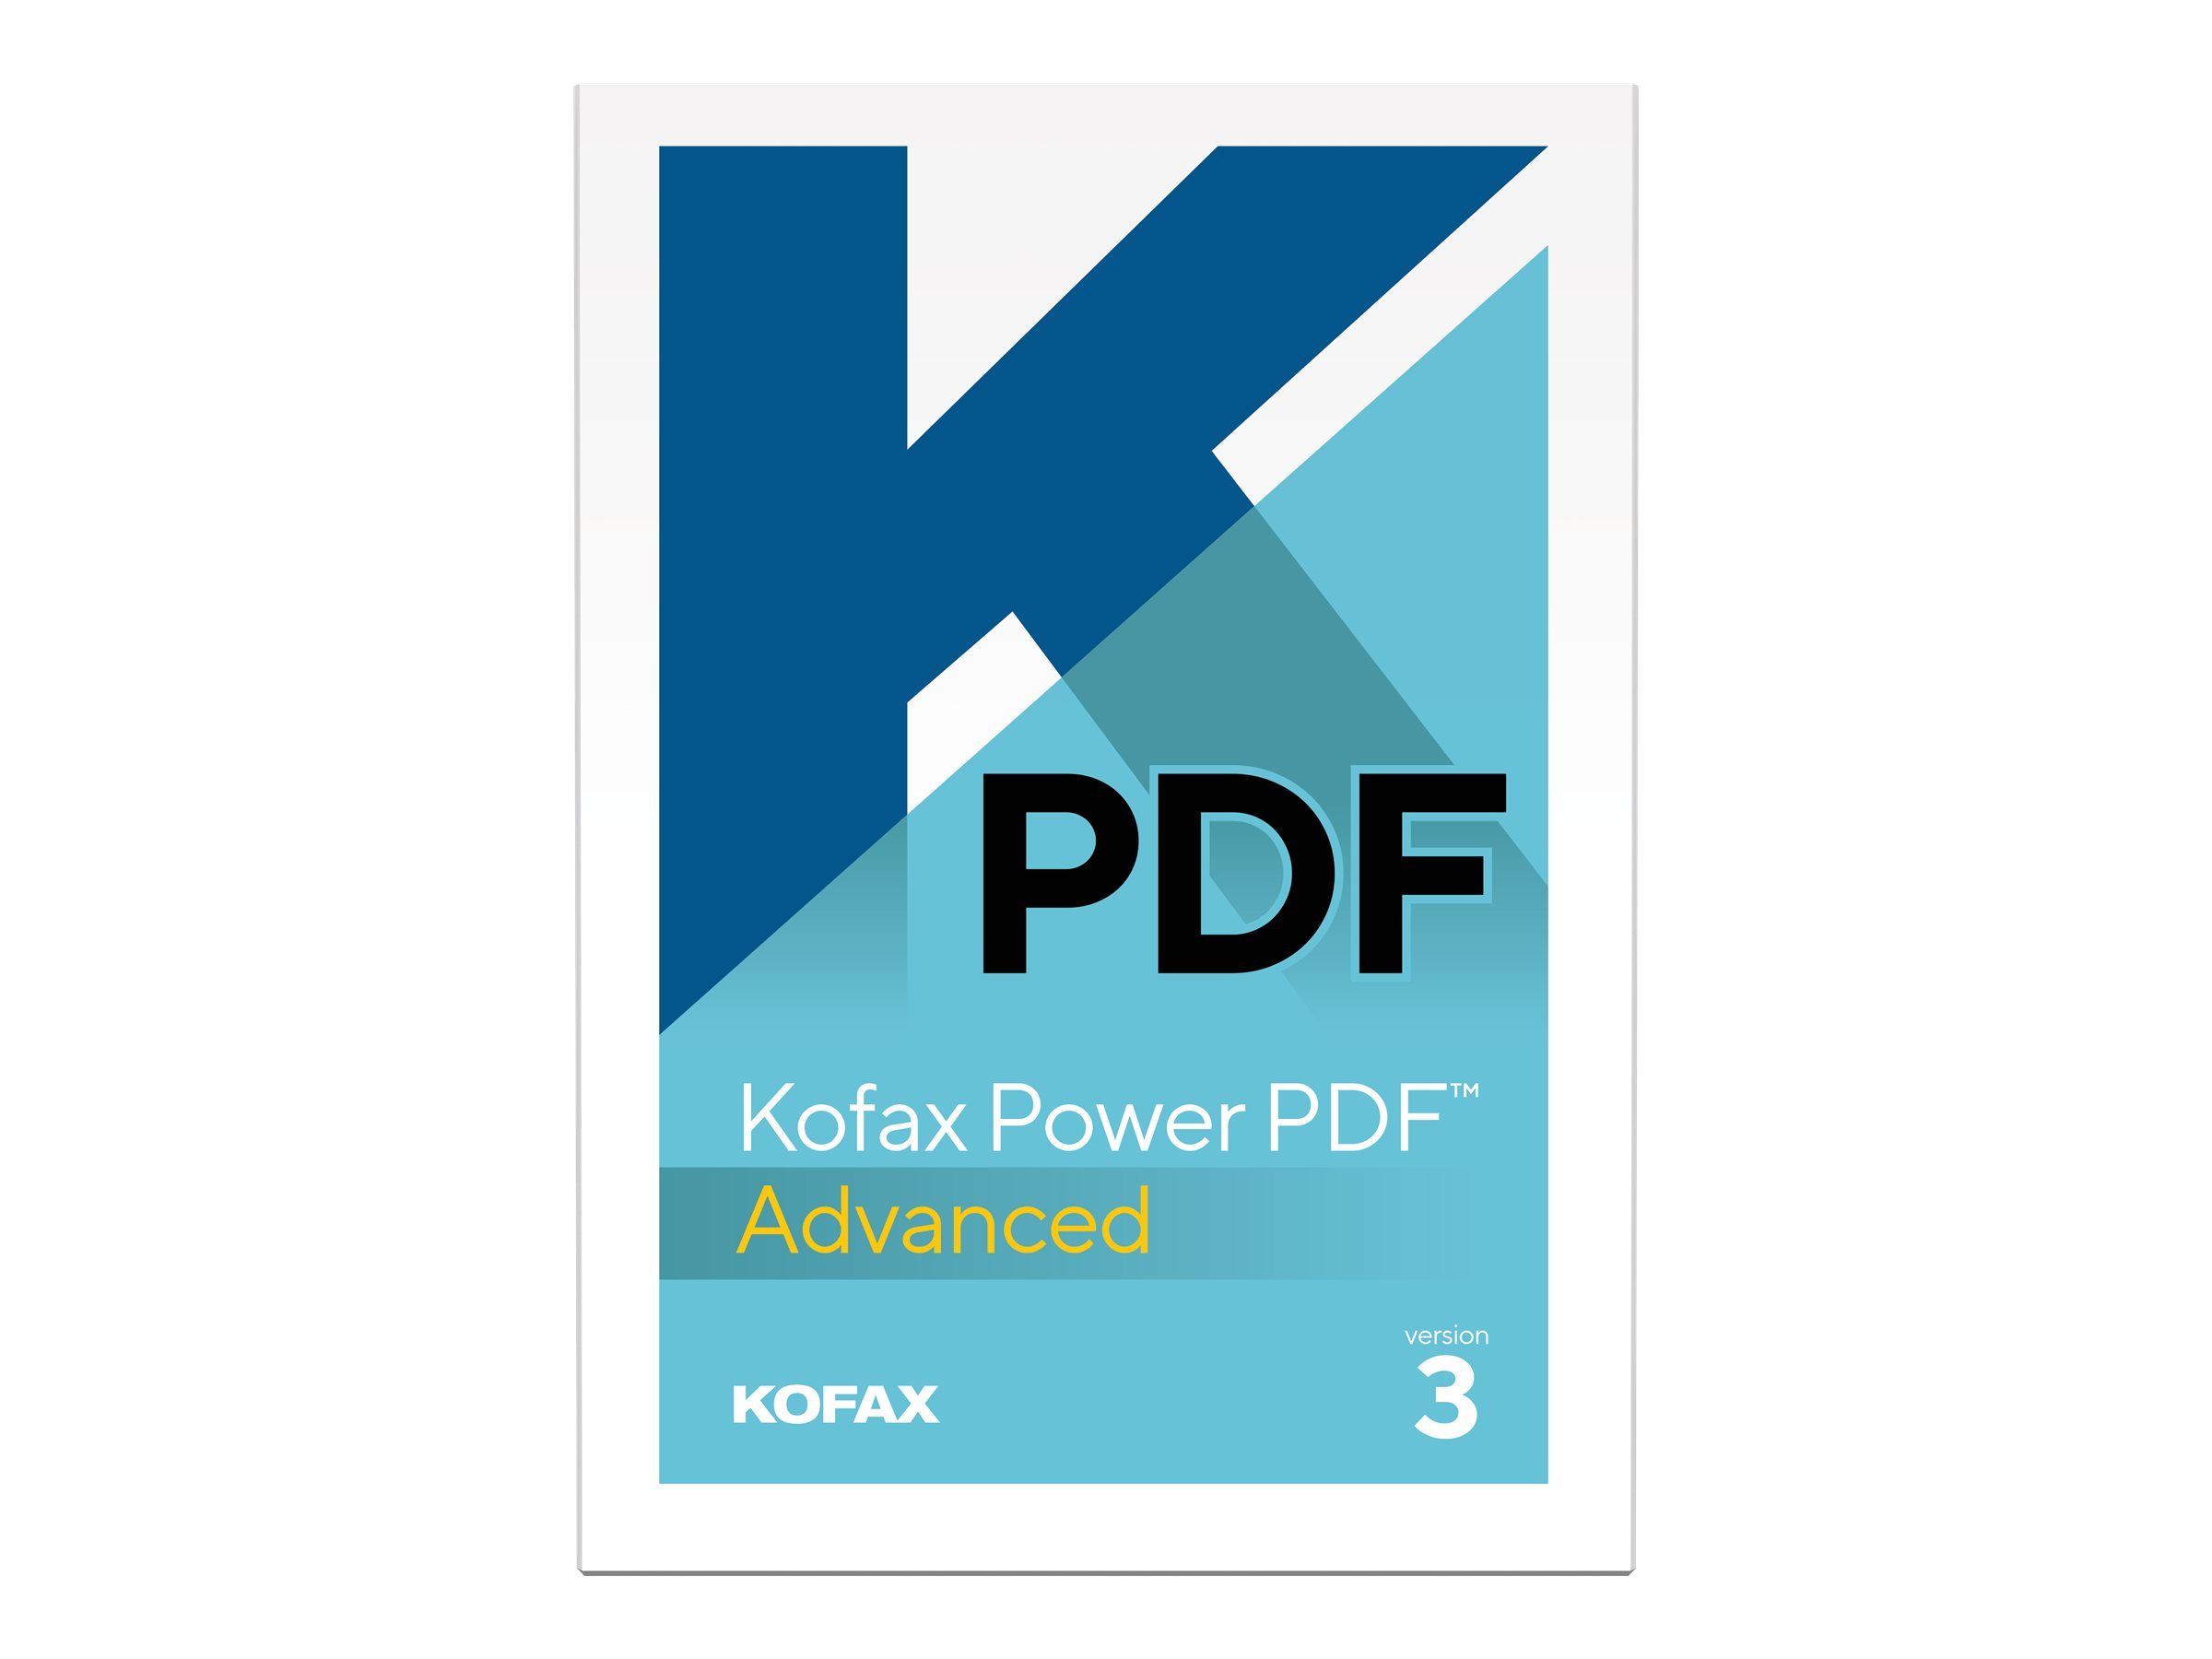 Kofax Power PDF Advanced - (v. 3) - Lizenz - 1 Benutzer - Volumen, Loyalität - Level J (10000+)